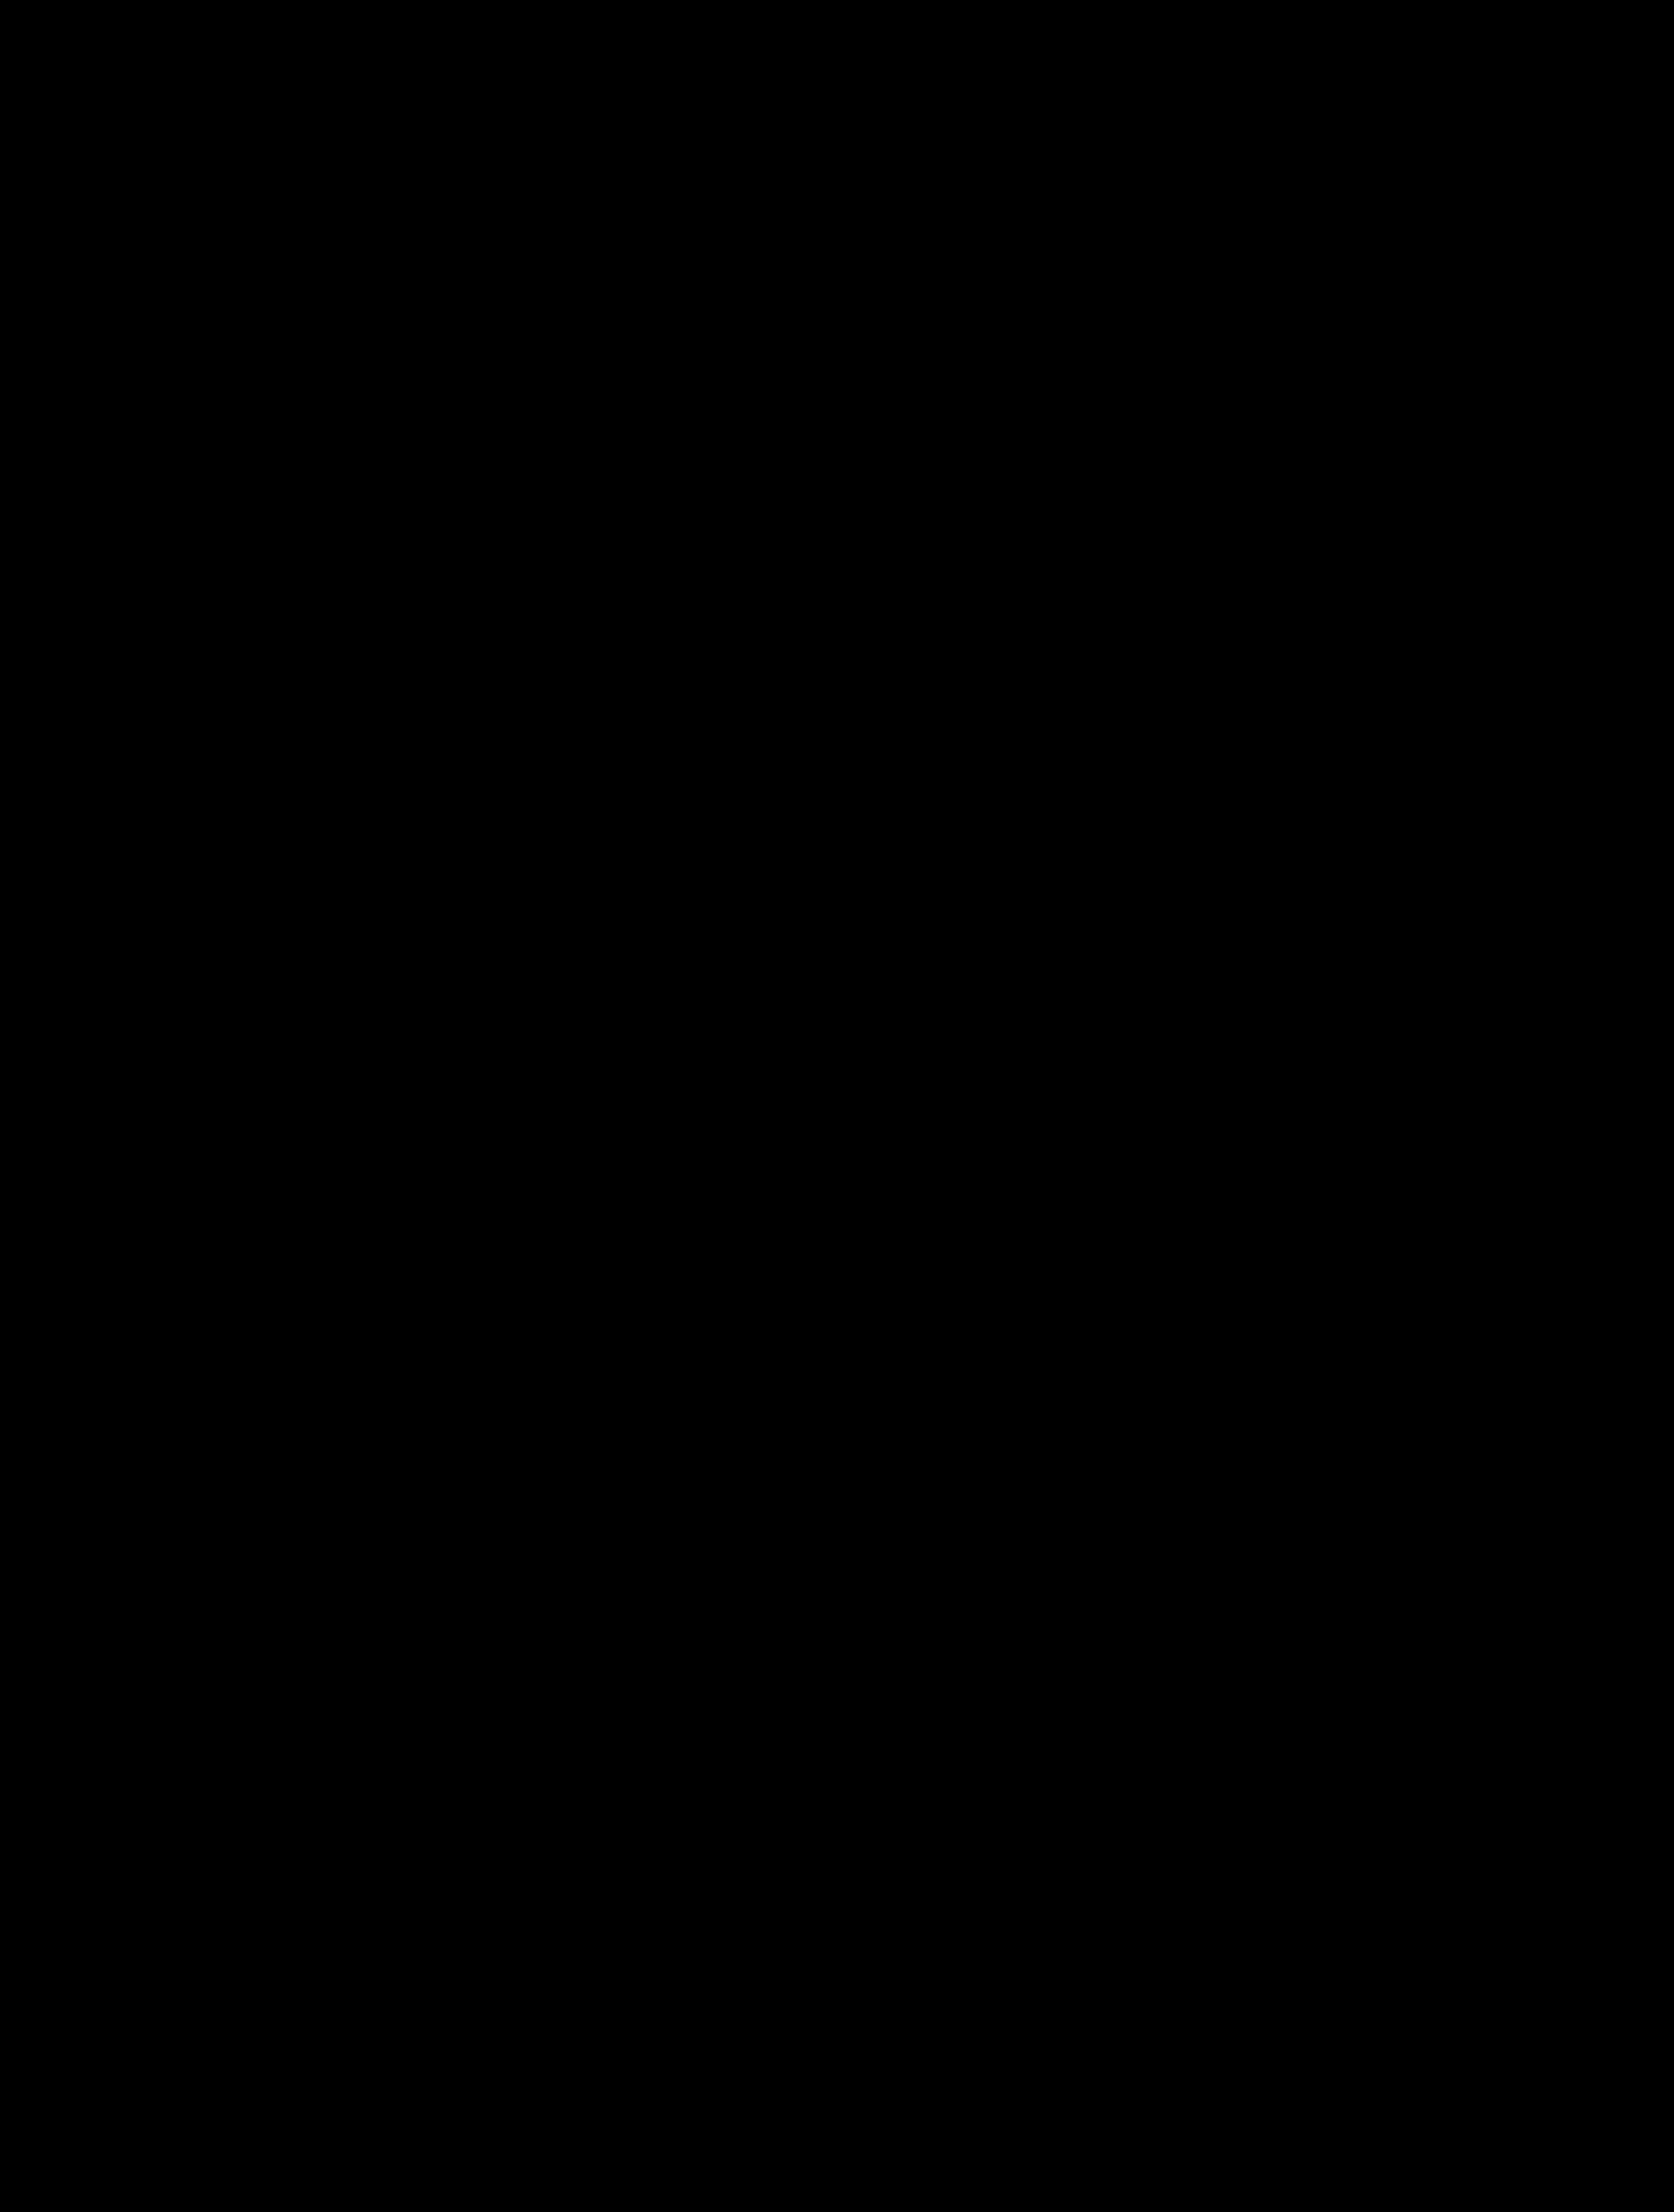 Clipart Frame 216